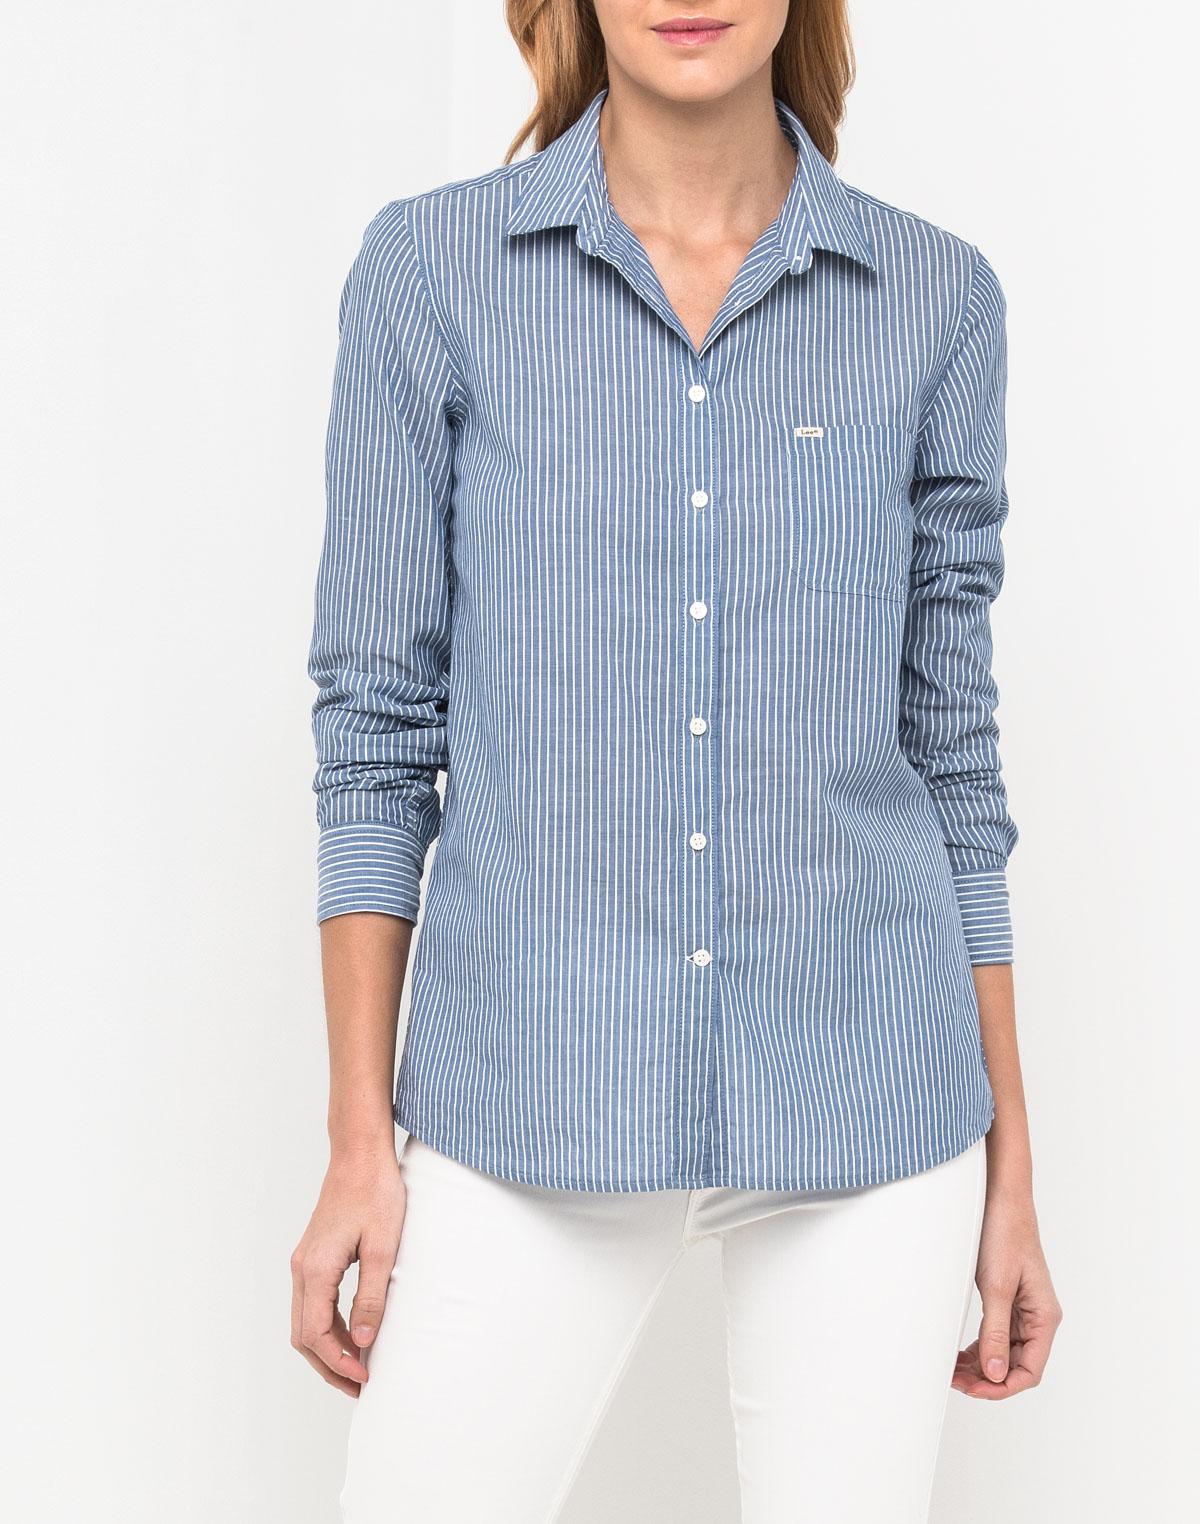 Блузка женская Lee, цвет: синий. L45QKPFE. Размер XL (48)L45QKPFE